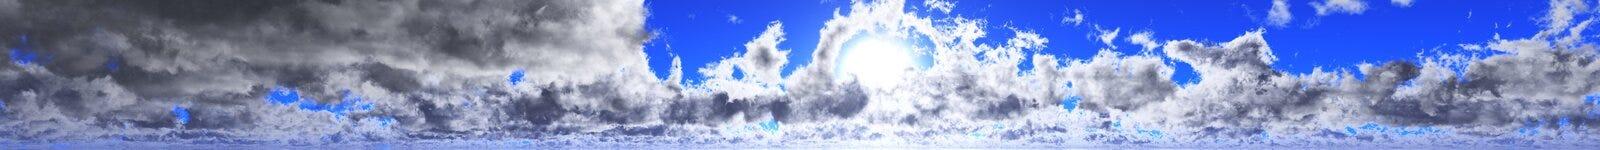 Panorama delle nuvole e del sole, la luce nel cielo, il sole nelle nuvole immagini stock libere da diritti